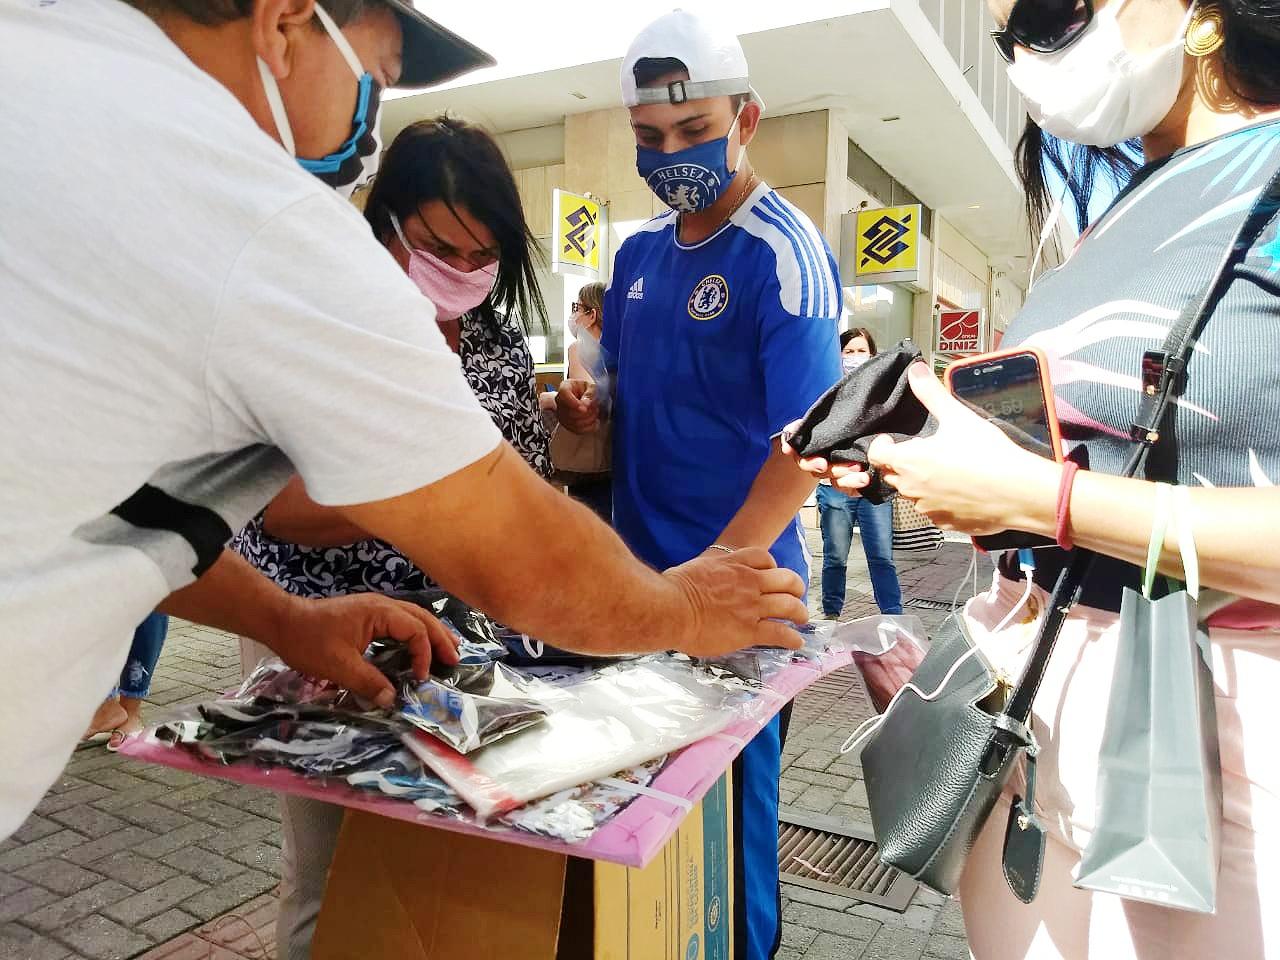 Paulo e a família atendem cliente nas ruas de Florianópolis. Eles vendem máscaras personalizadas com o símbolo de equipes de futebol - Ian Sell/ND